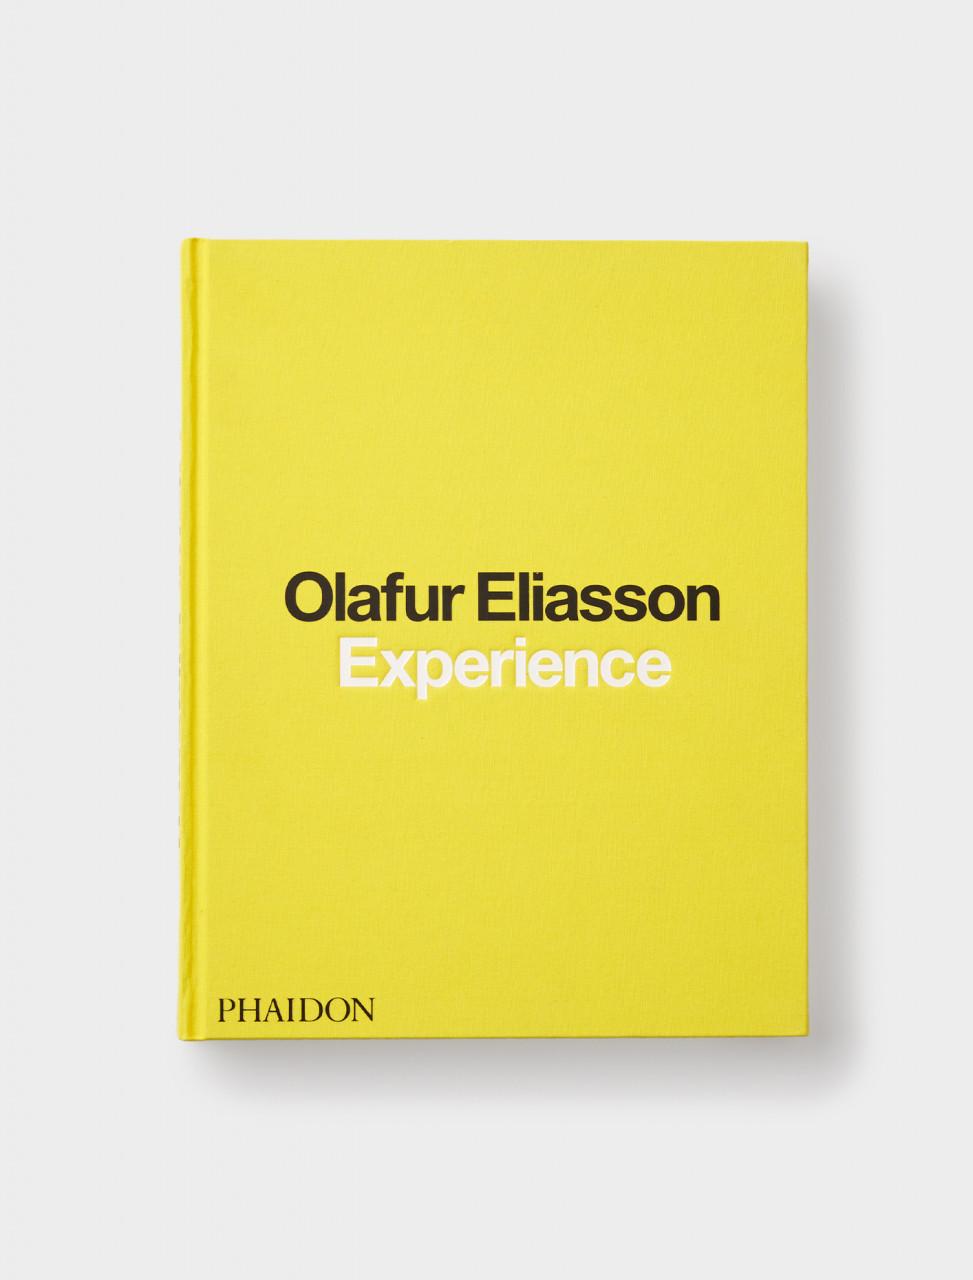 9780714877587 EXPERIENCE OLAFUR ELIASSON